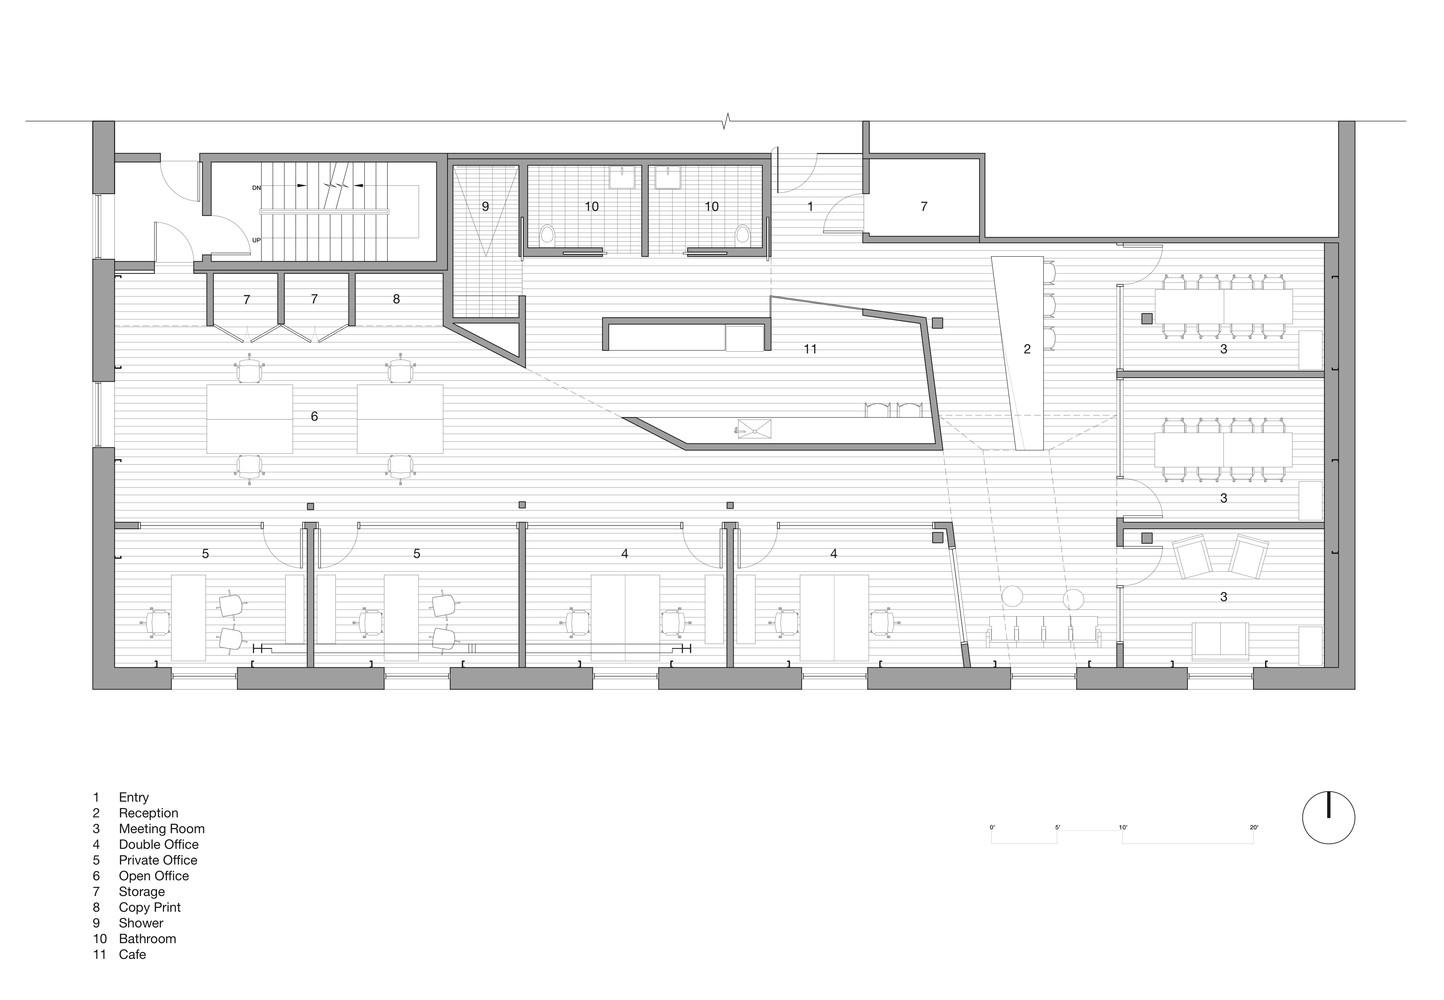 office floor plan samples elegant building plan examples examples